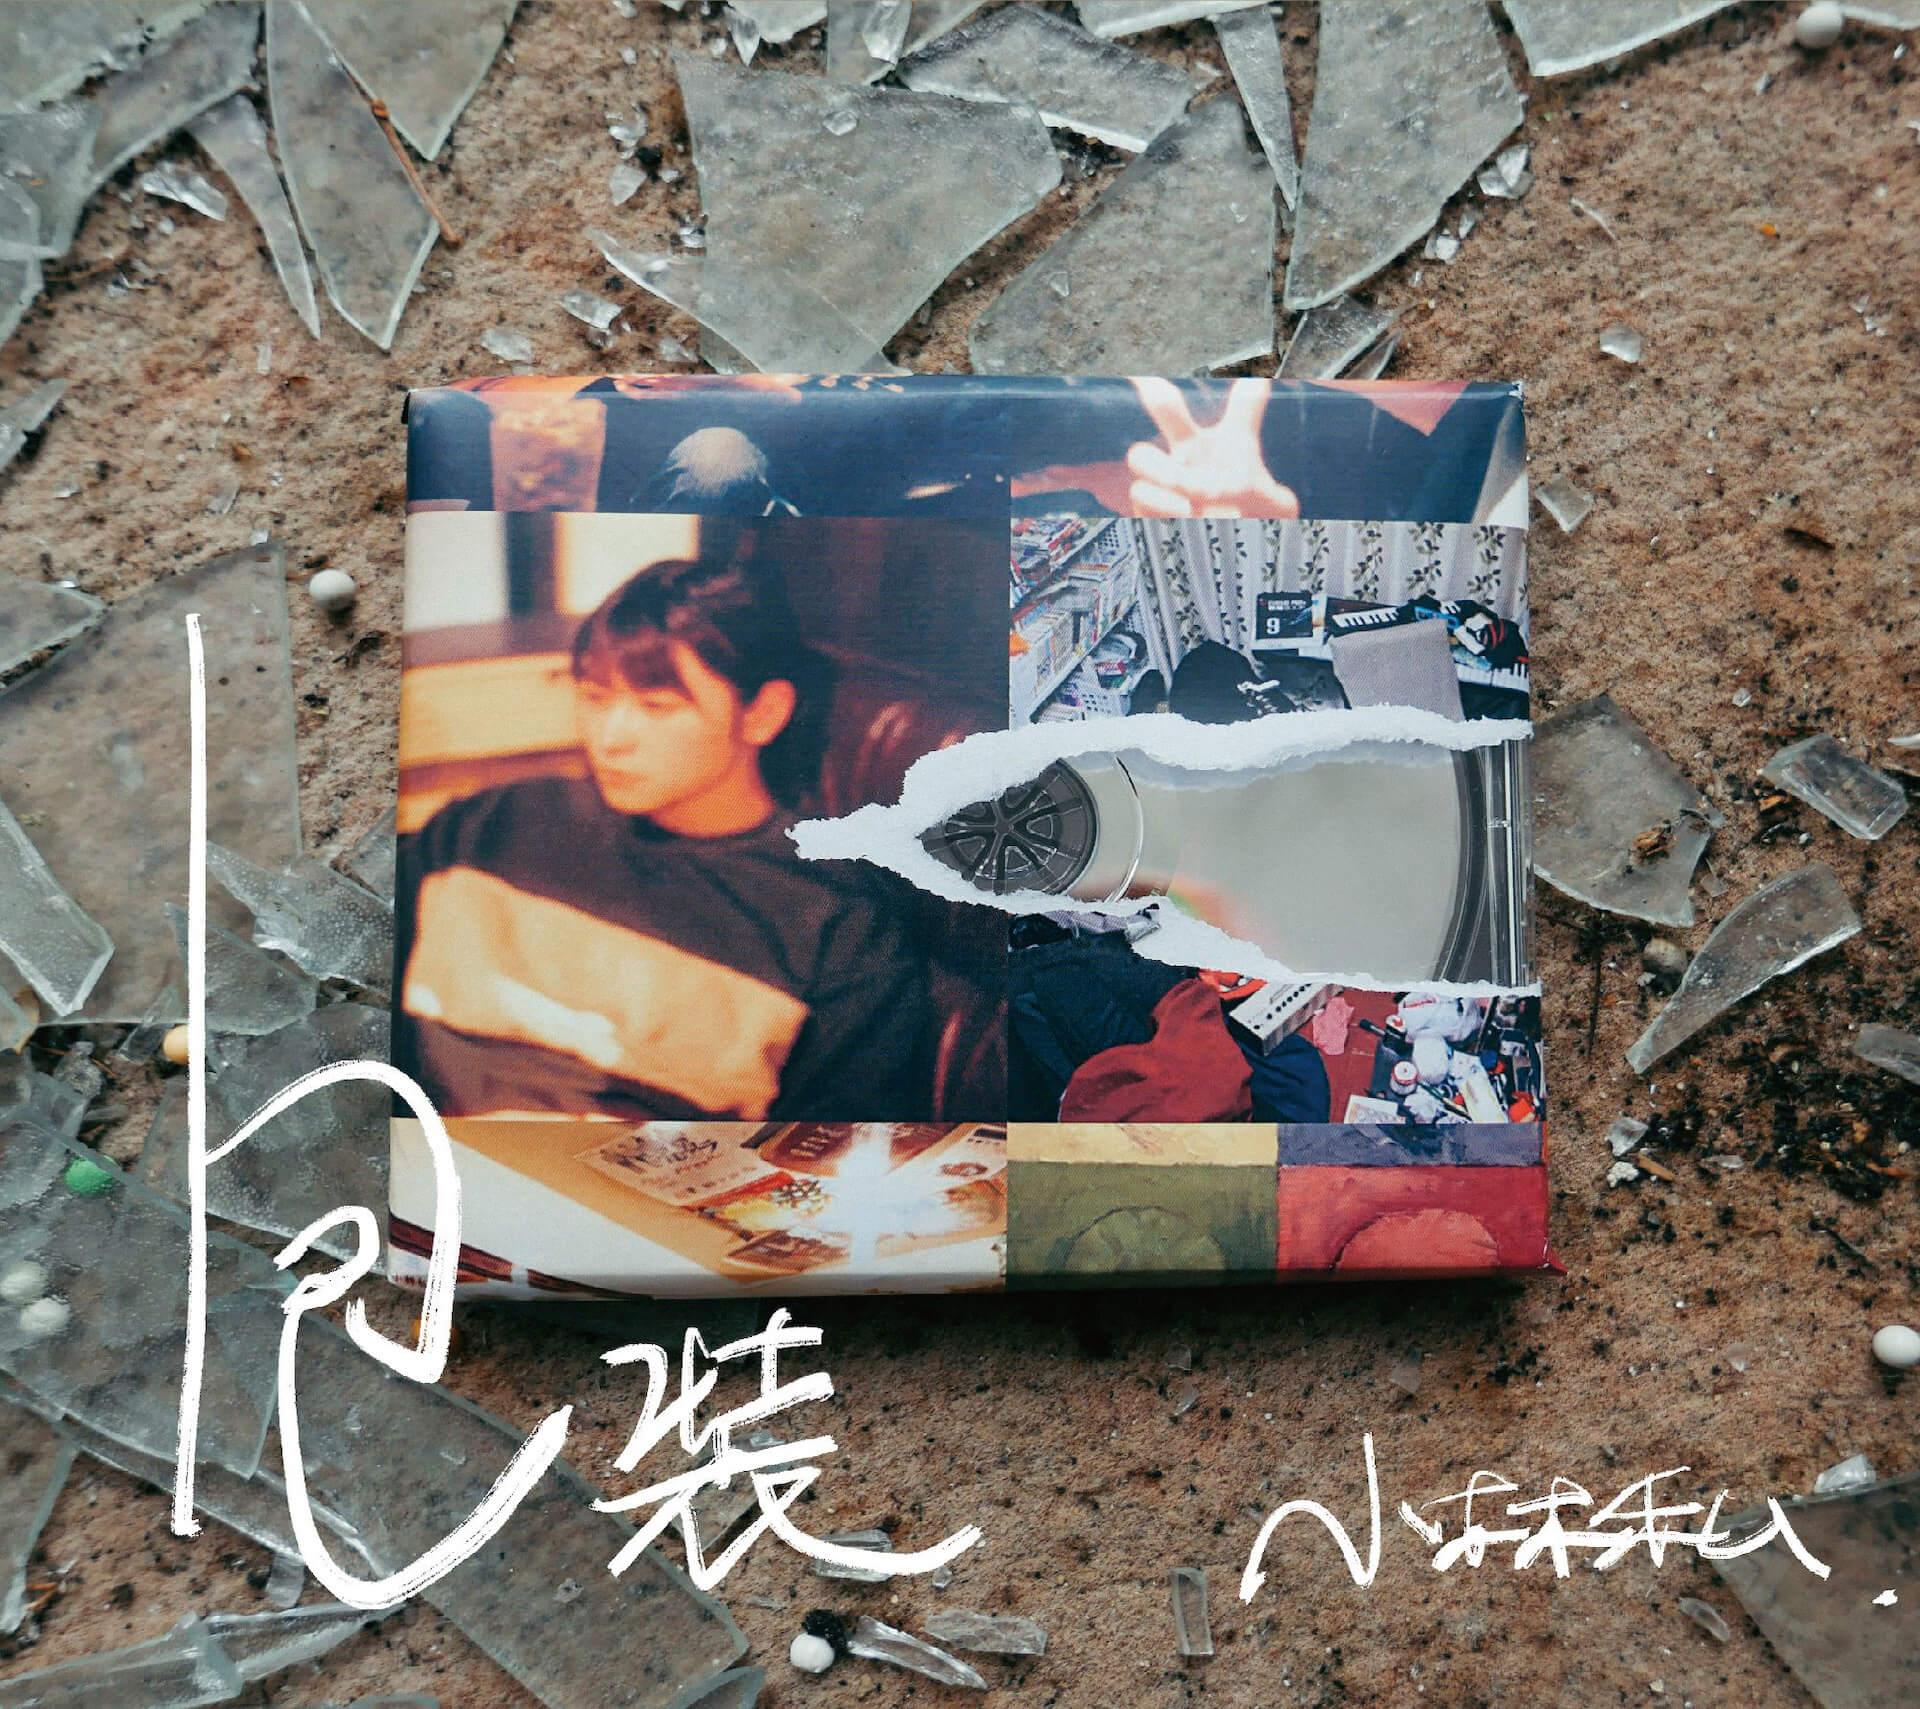 """小林私のアコースティックアルバム『包装』がタワーレコード限定でCDリリース決定!ボーナストラック""""サラダとタコメーター""""も収録 music210804_kobayashiwatashi_2"""